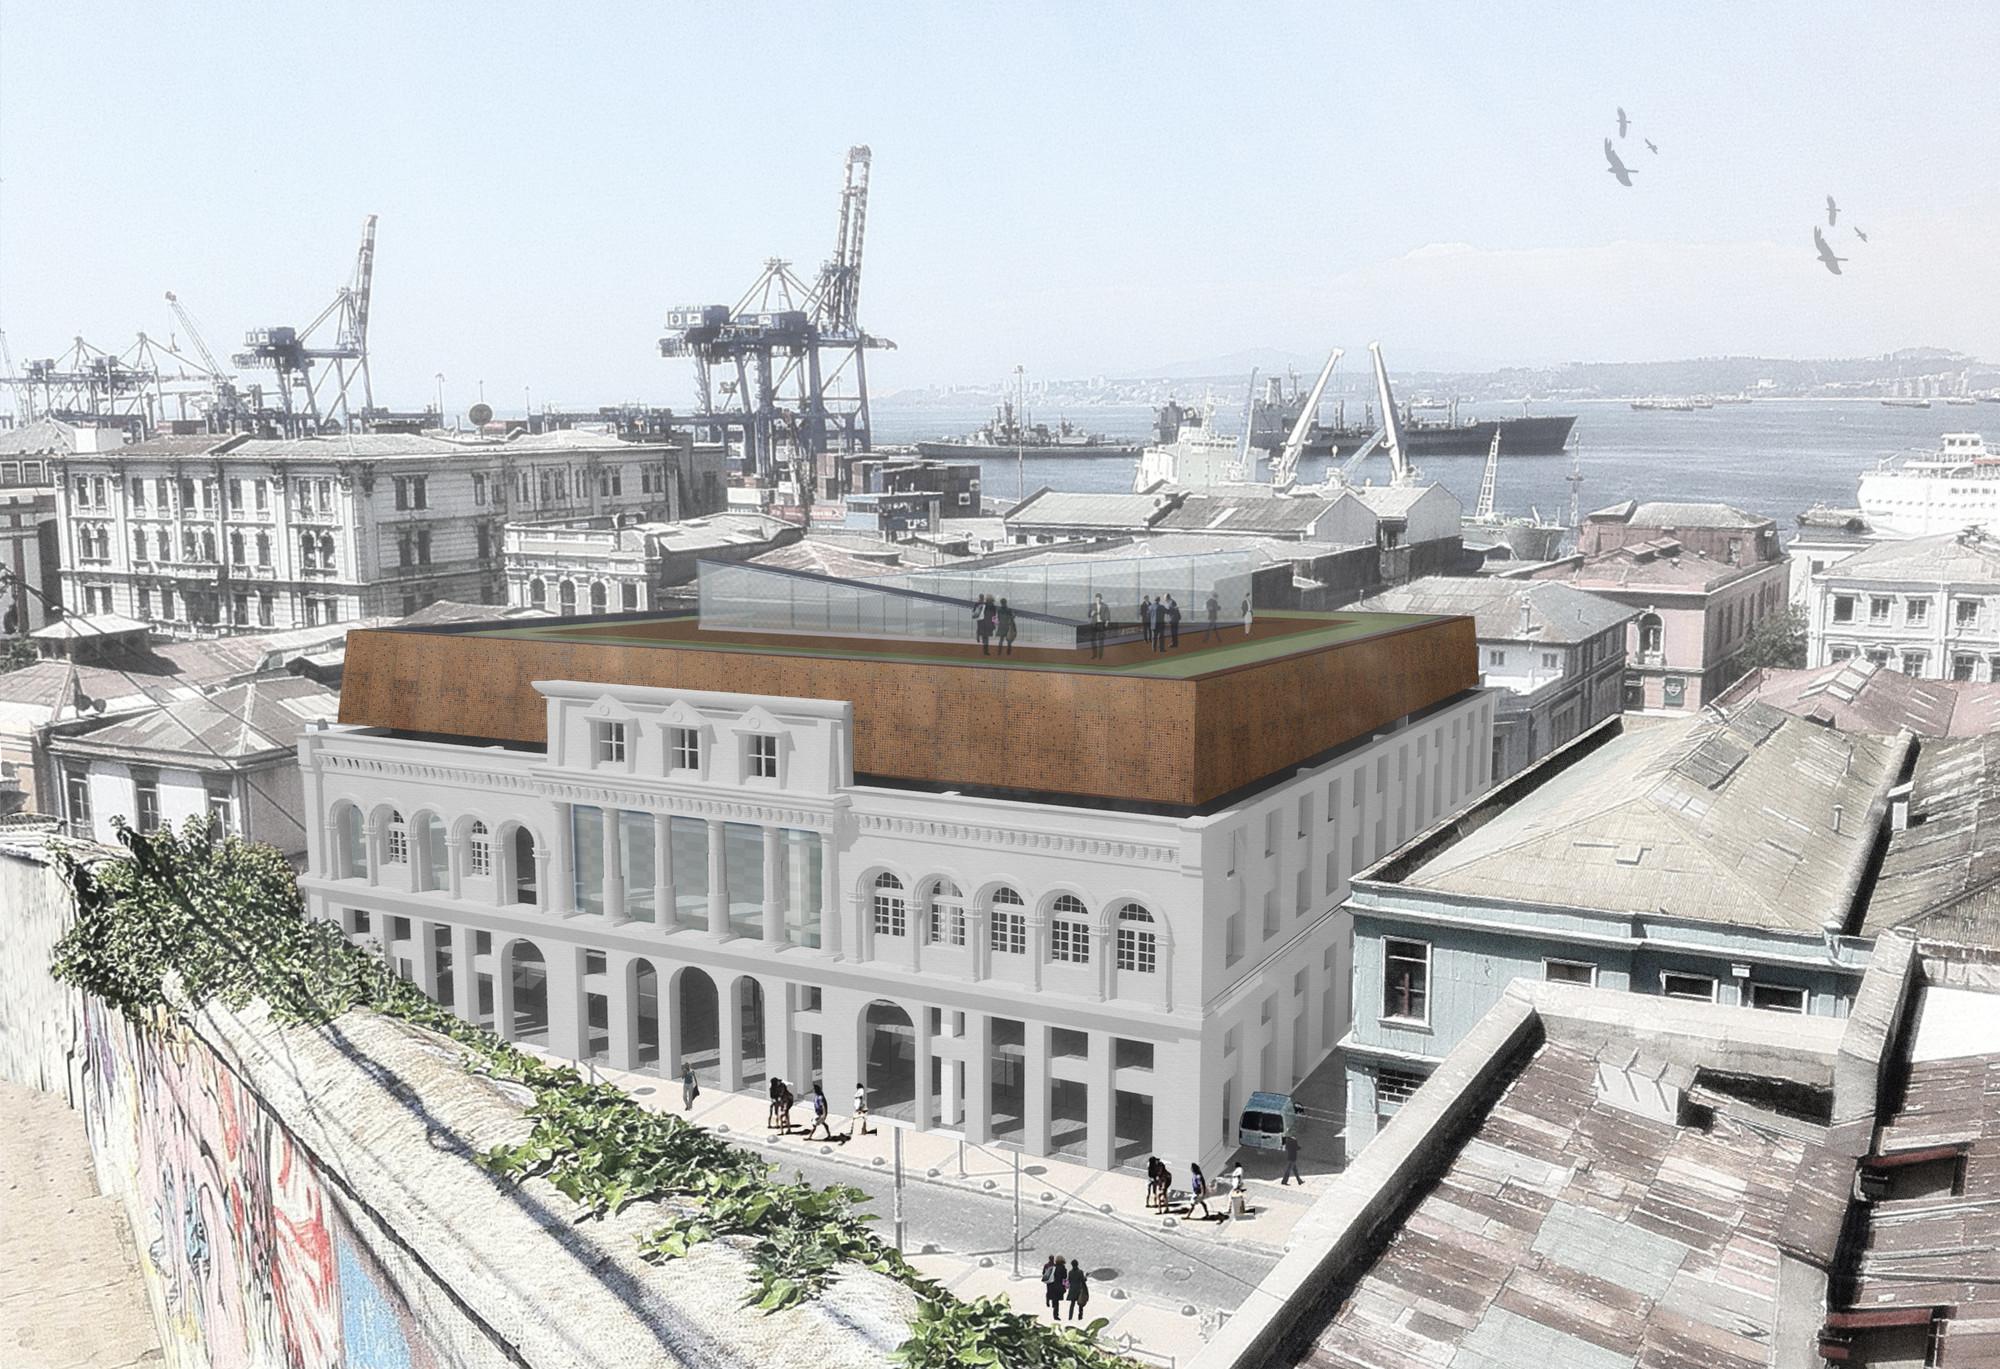 Gubbins Arquitectos diseñará edificio institucional de MINVU SERVIU, Valparaíso, Render Vista Exterior. Image Courtesy of Gubbins Arquitectos